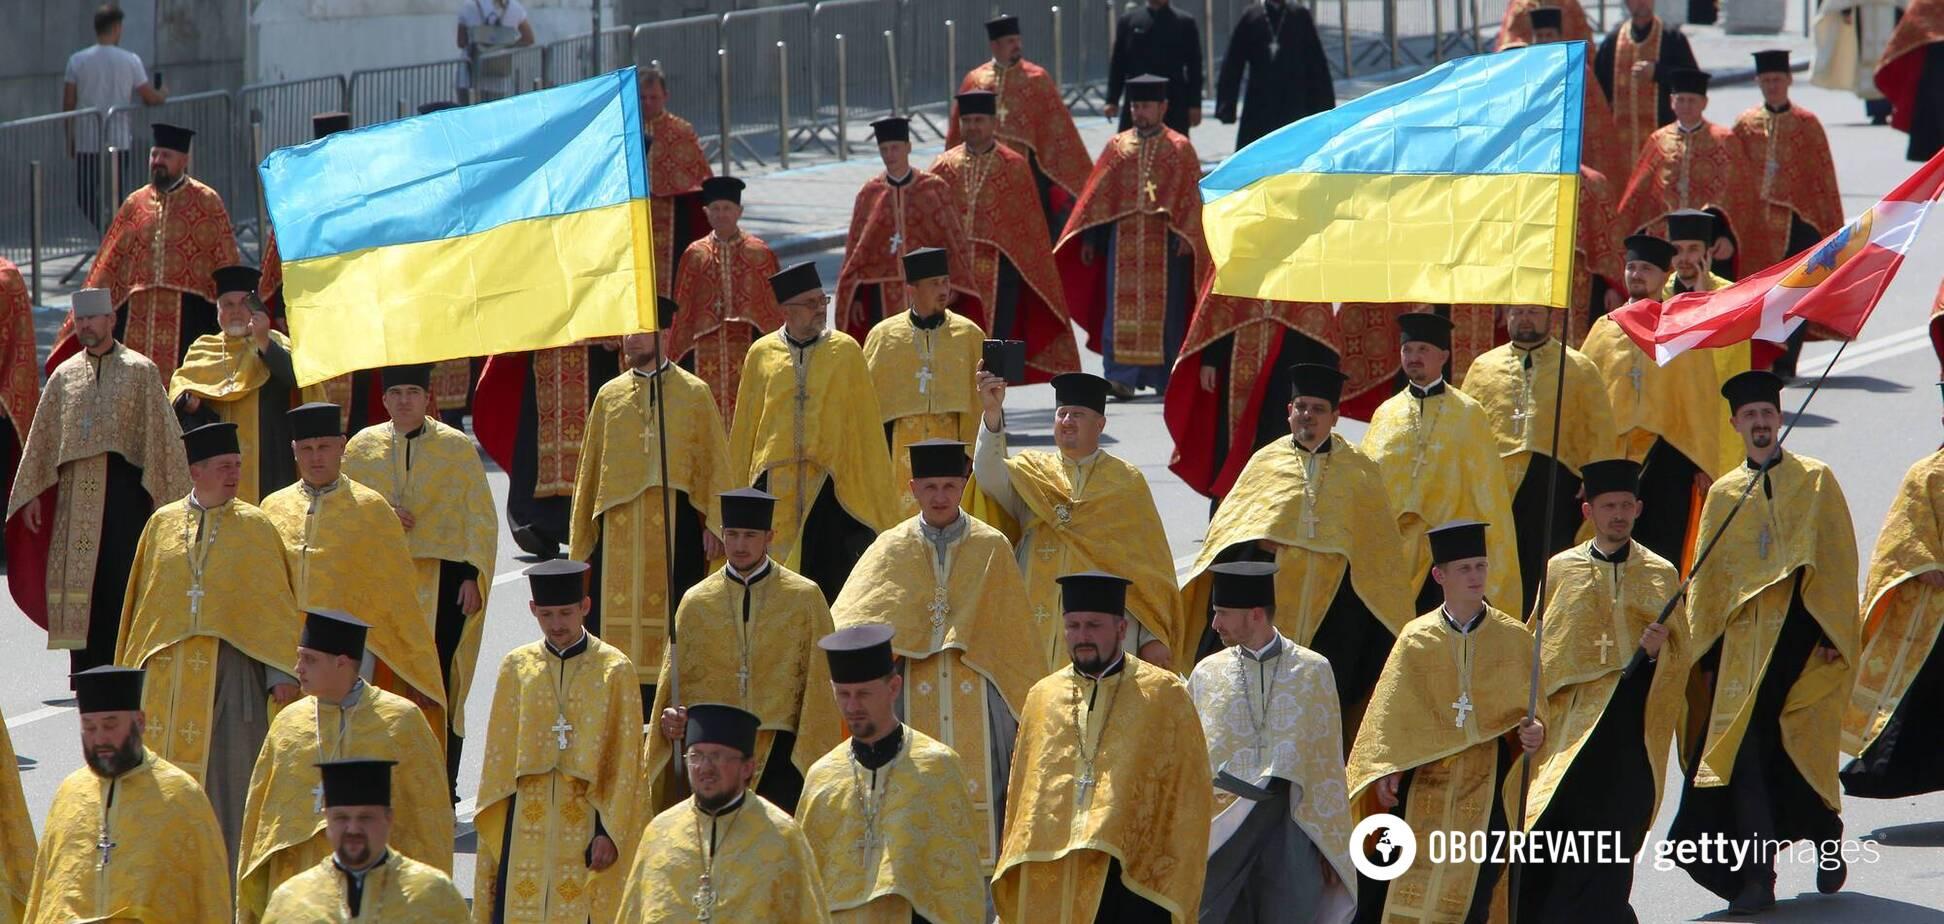 День Хрещення Київської Русі-України: історія та традиції свята